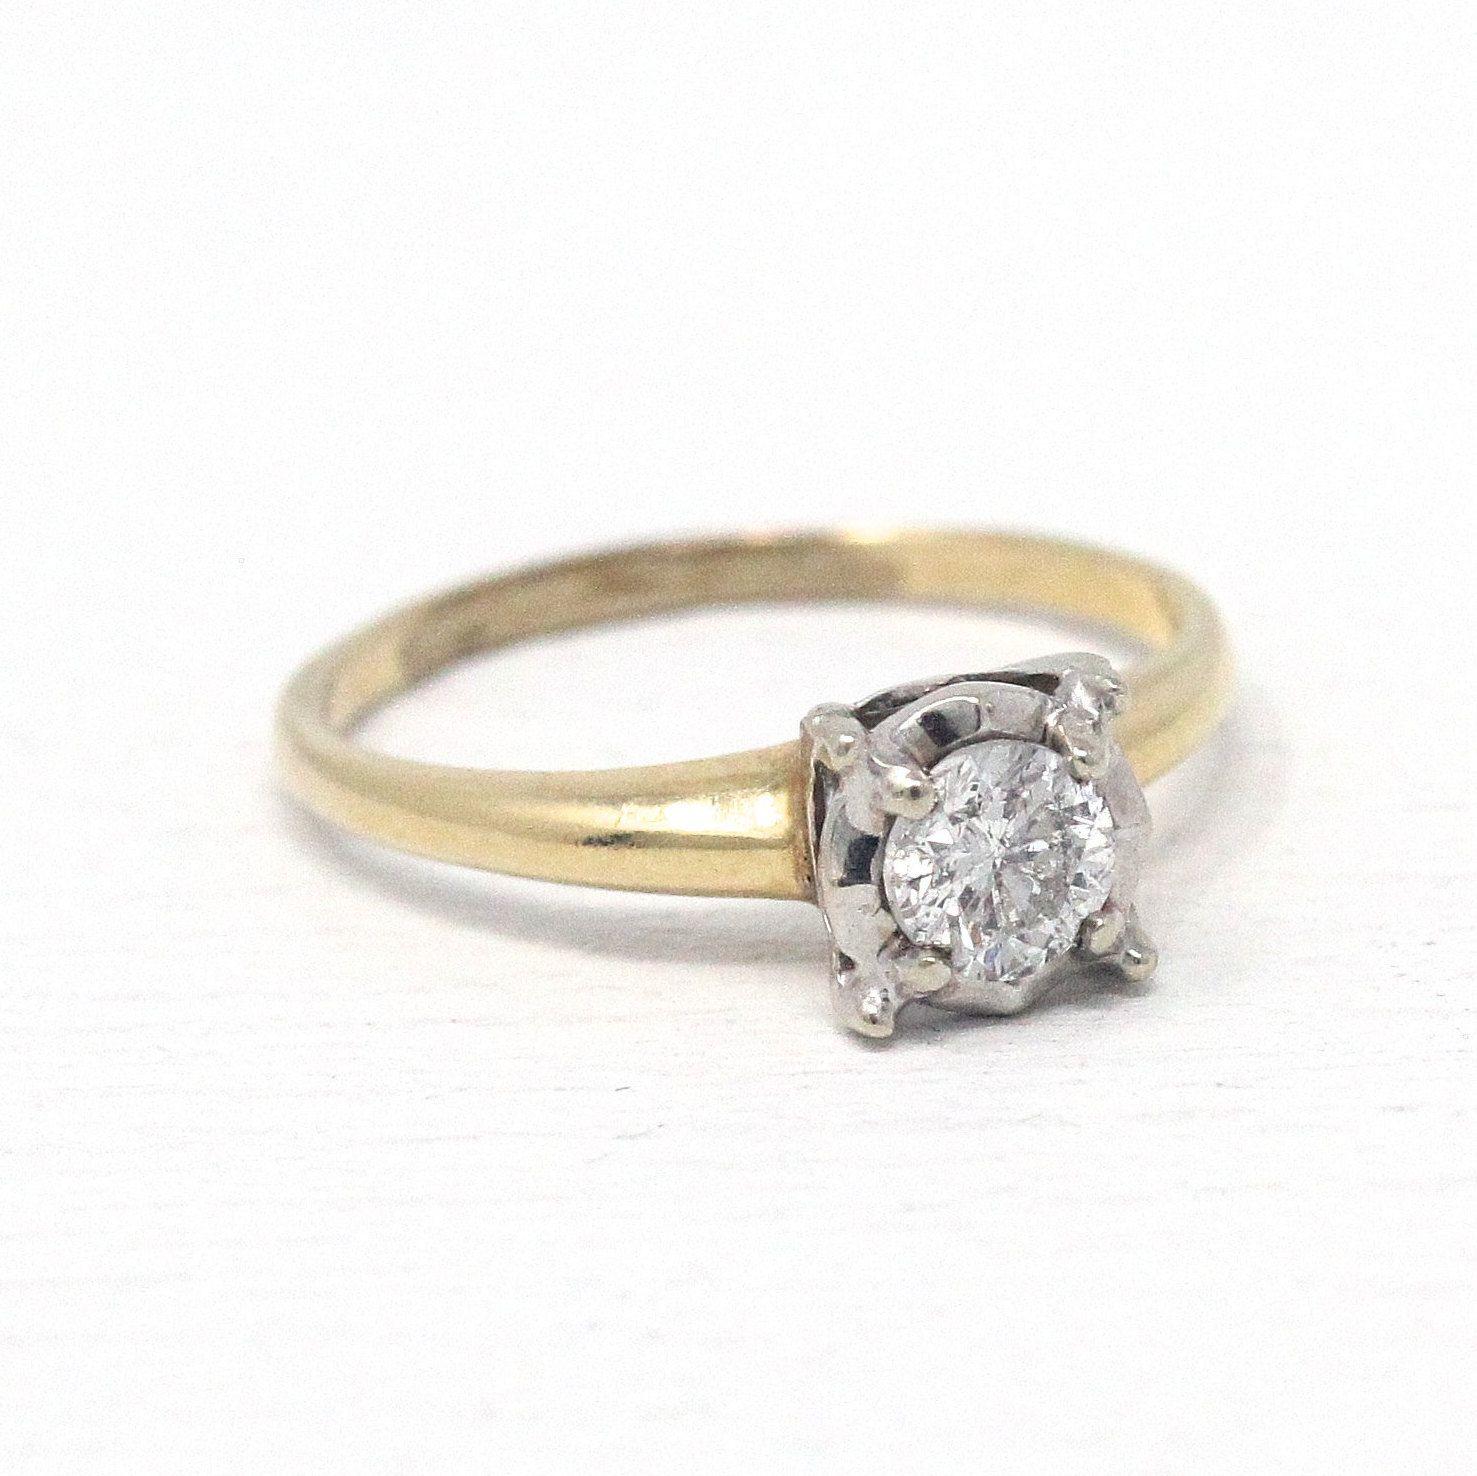 Vintage Diamond Ring 1950s Size 7 1/4 14k Yellow & White